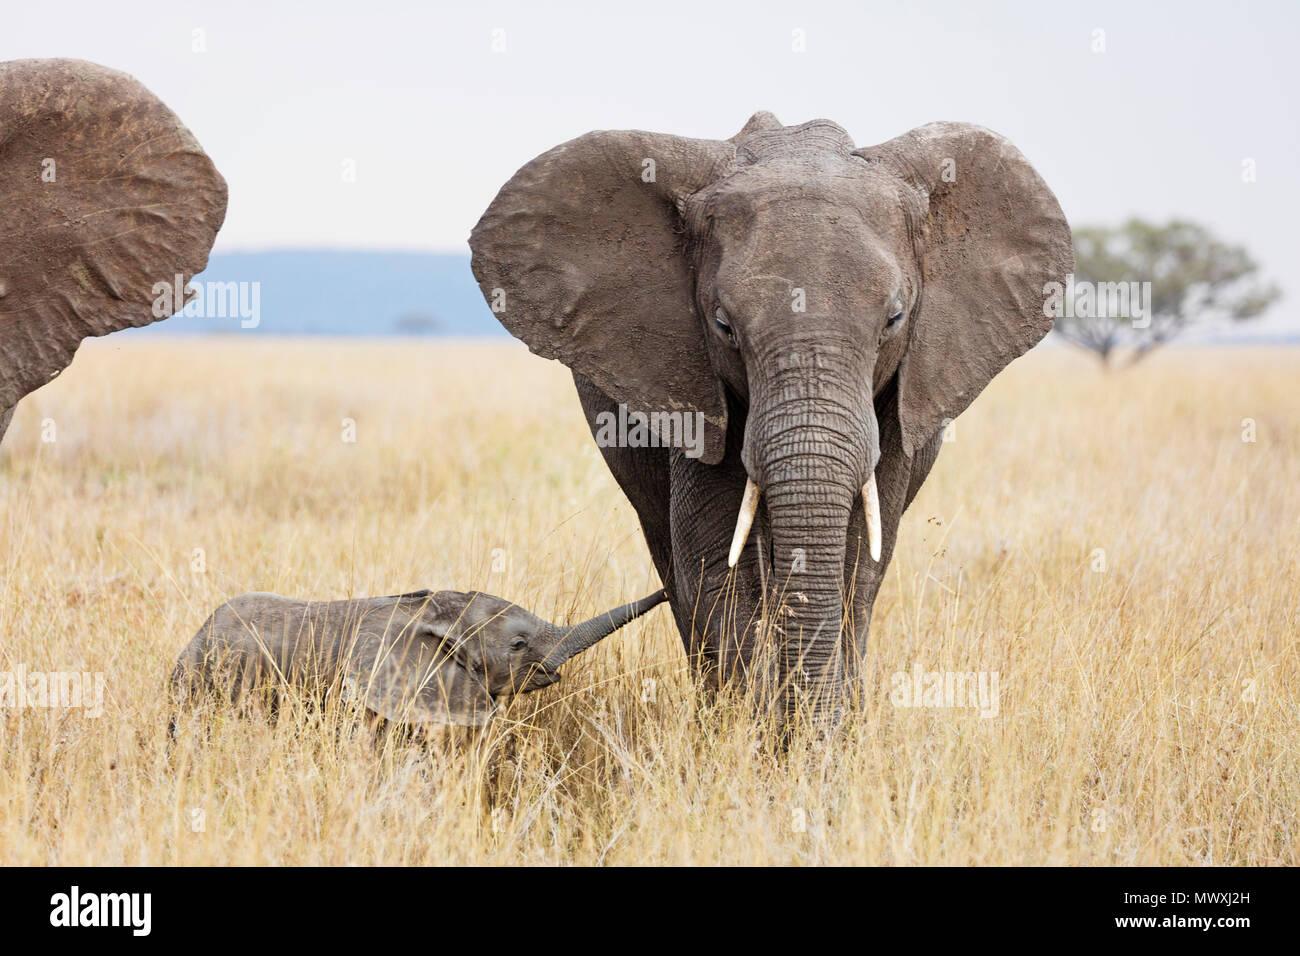 Bébé éléphant africain et sa mère (Loxodonta africana), le Parc National du Serengeti, Site du patrimoine mondial de l'UNESCO, la Tanzanie, l'Afrique de l'Est, l'Afrique Banque D'Images